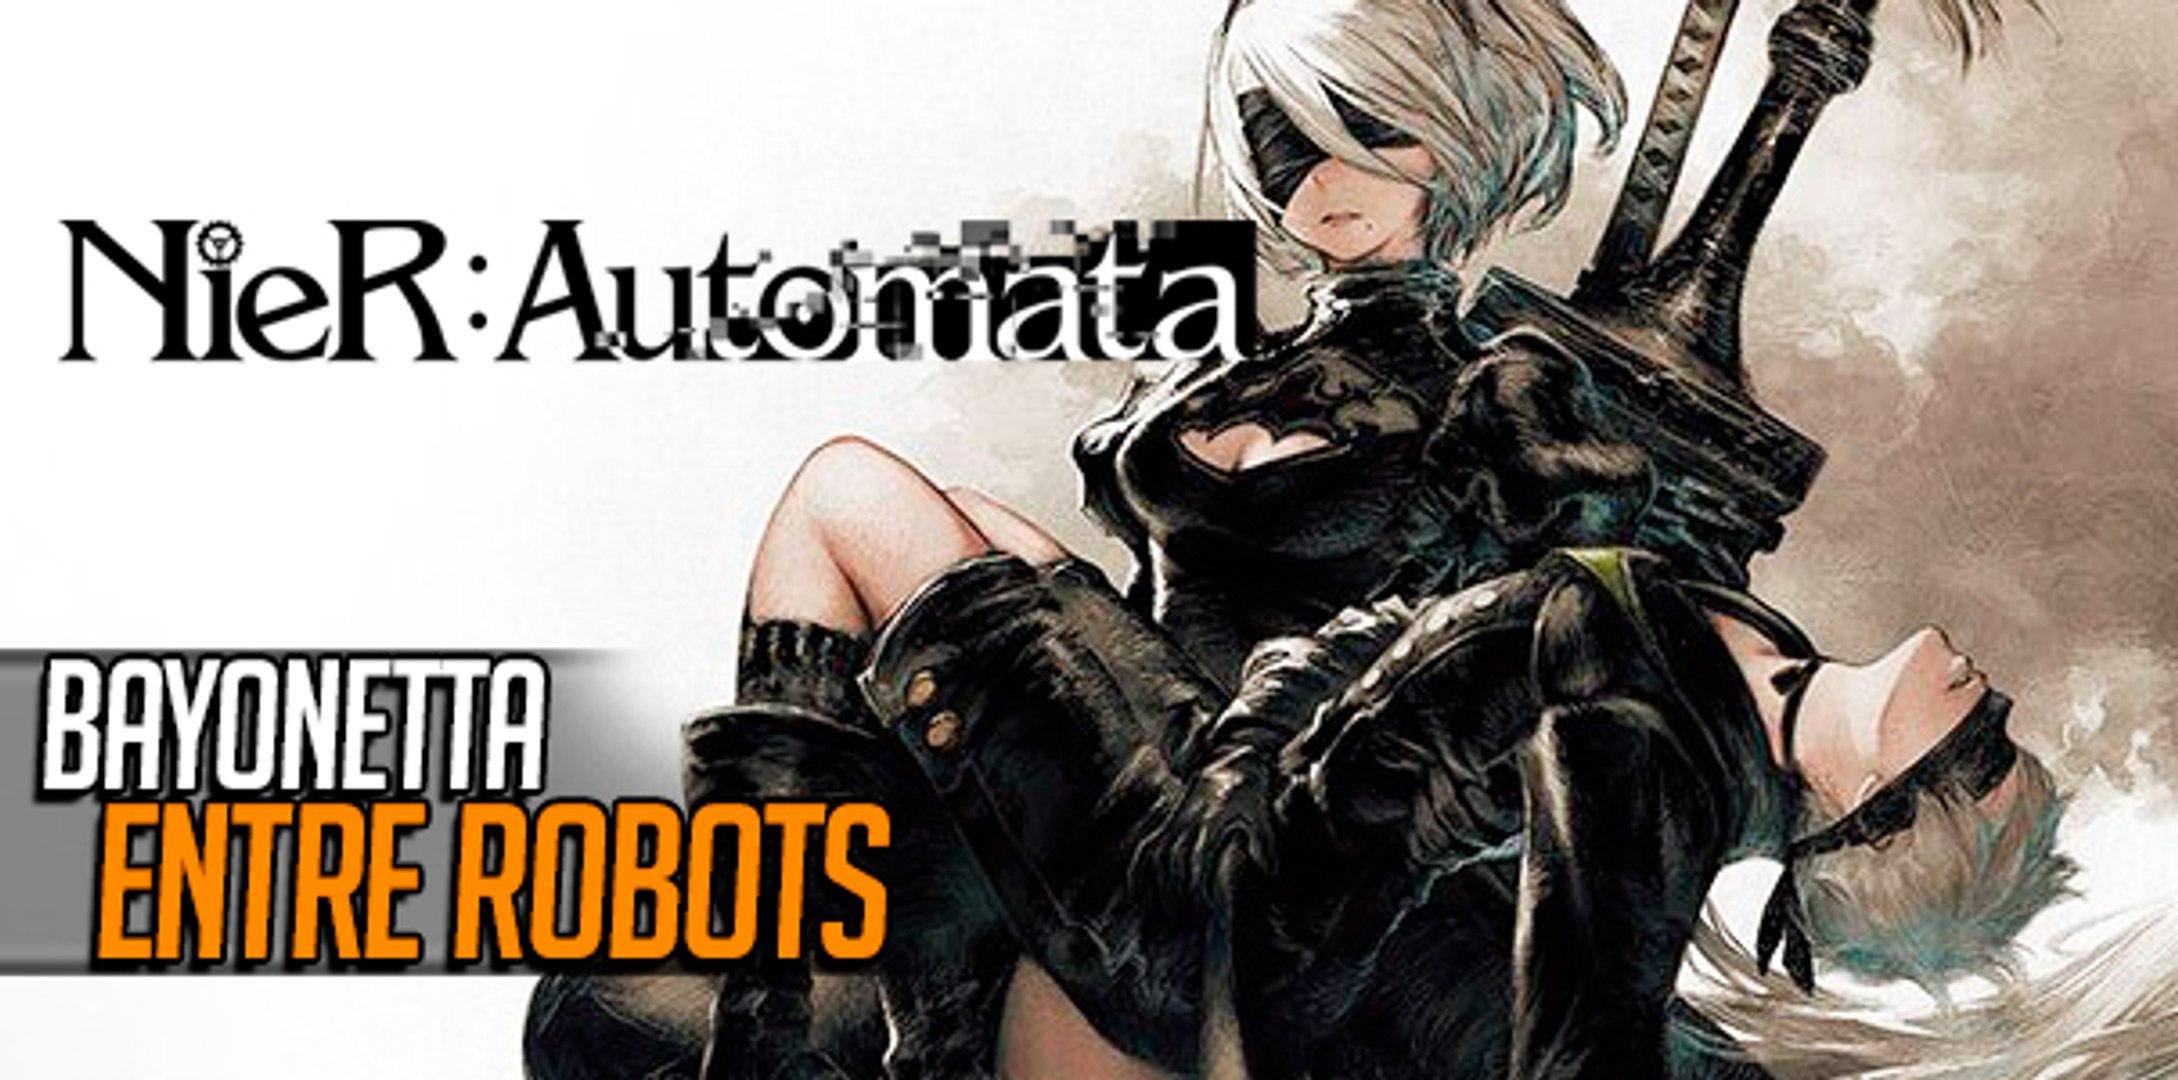 Nier Automata Bayonetta Entre Robots